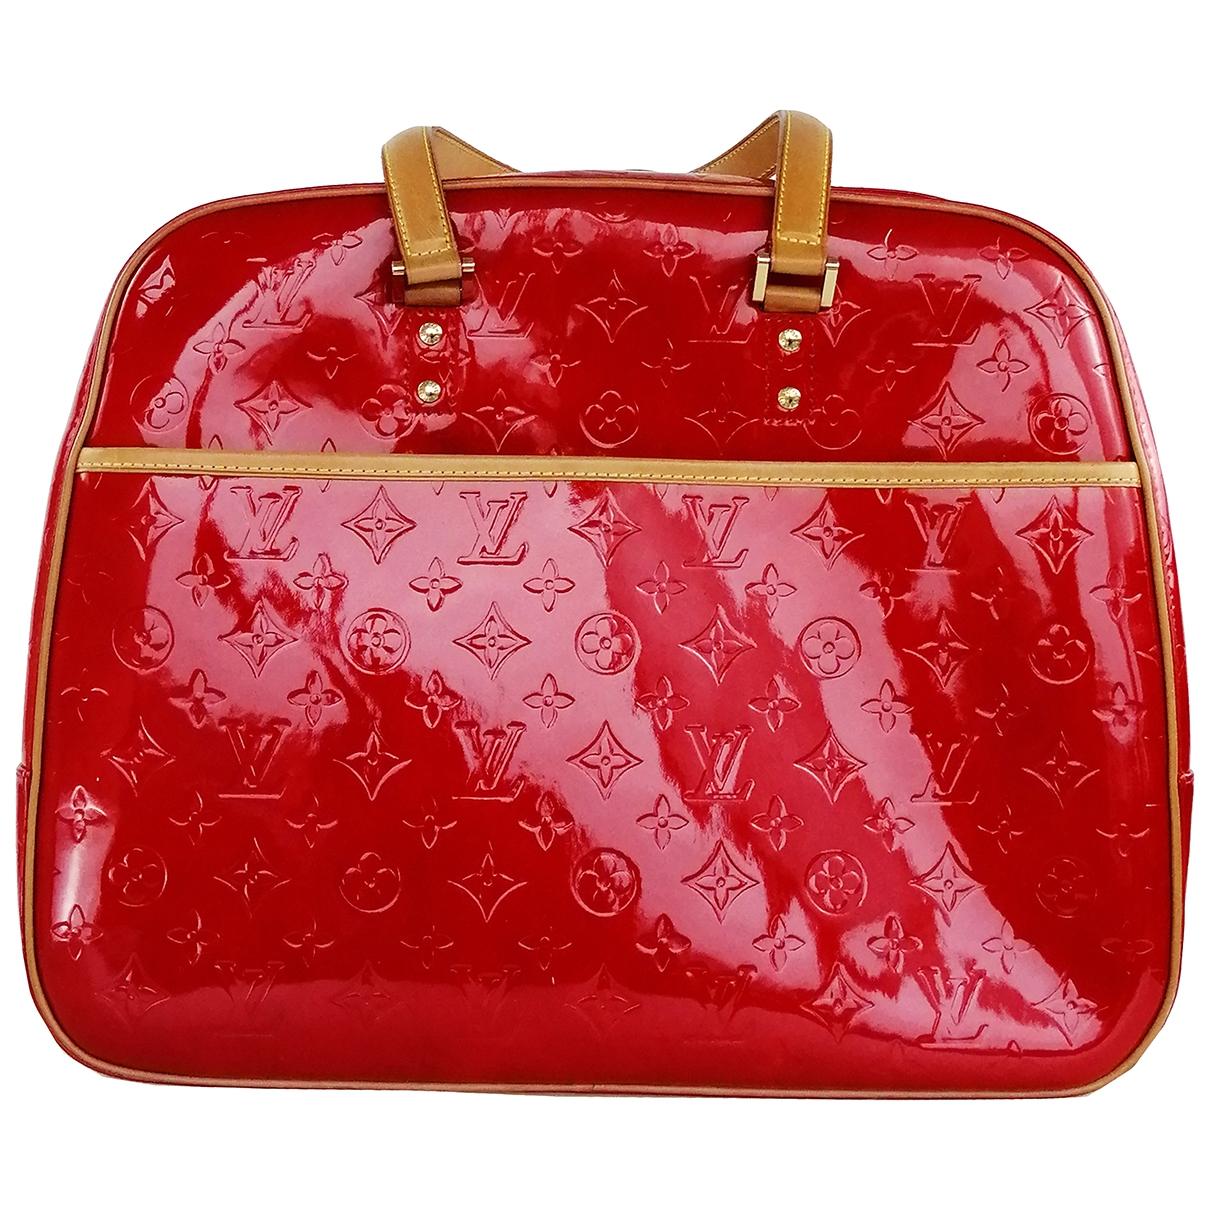 Louis Vuitton - Sac a main Sutton pour femme en cuir verni - rouge